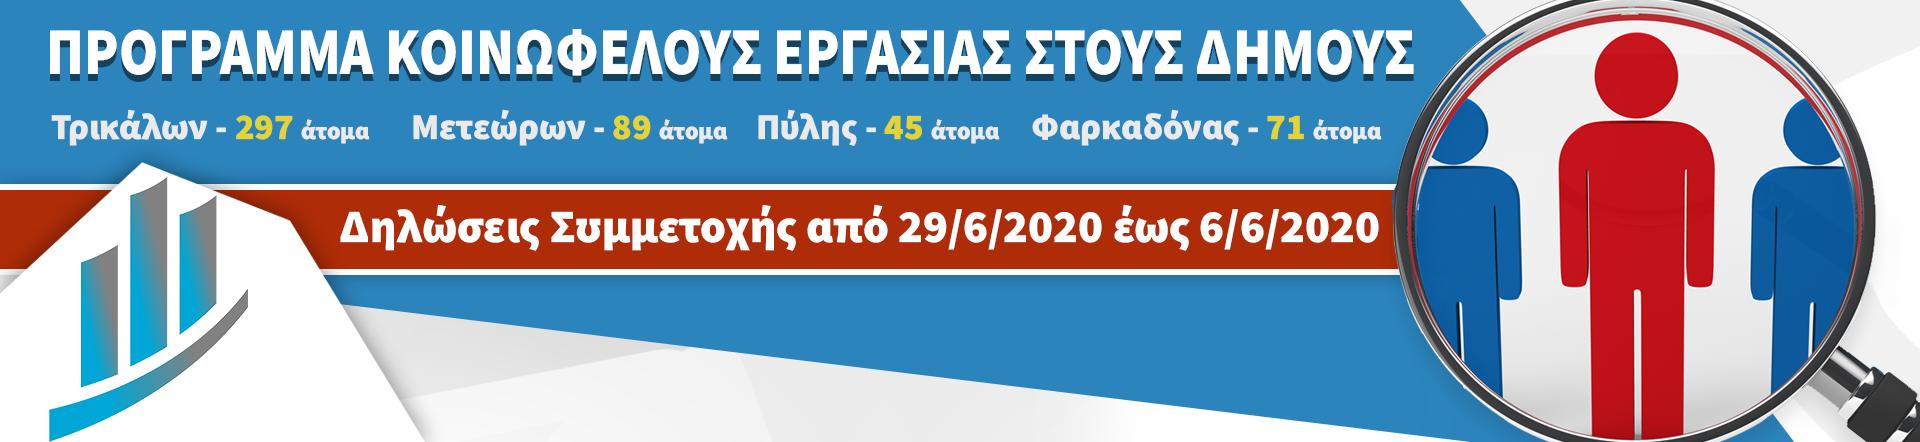 Κοινωφελής εργασία 2020